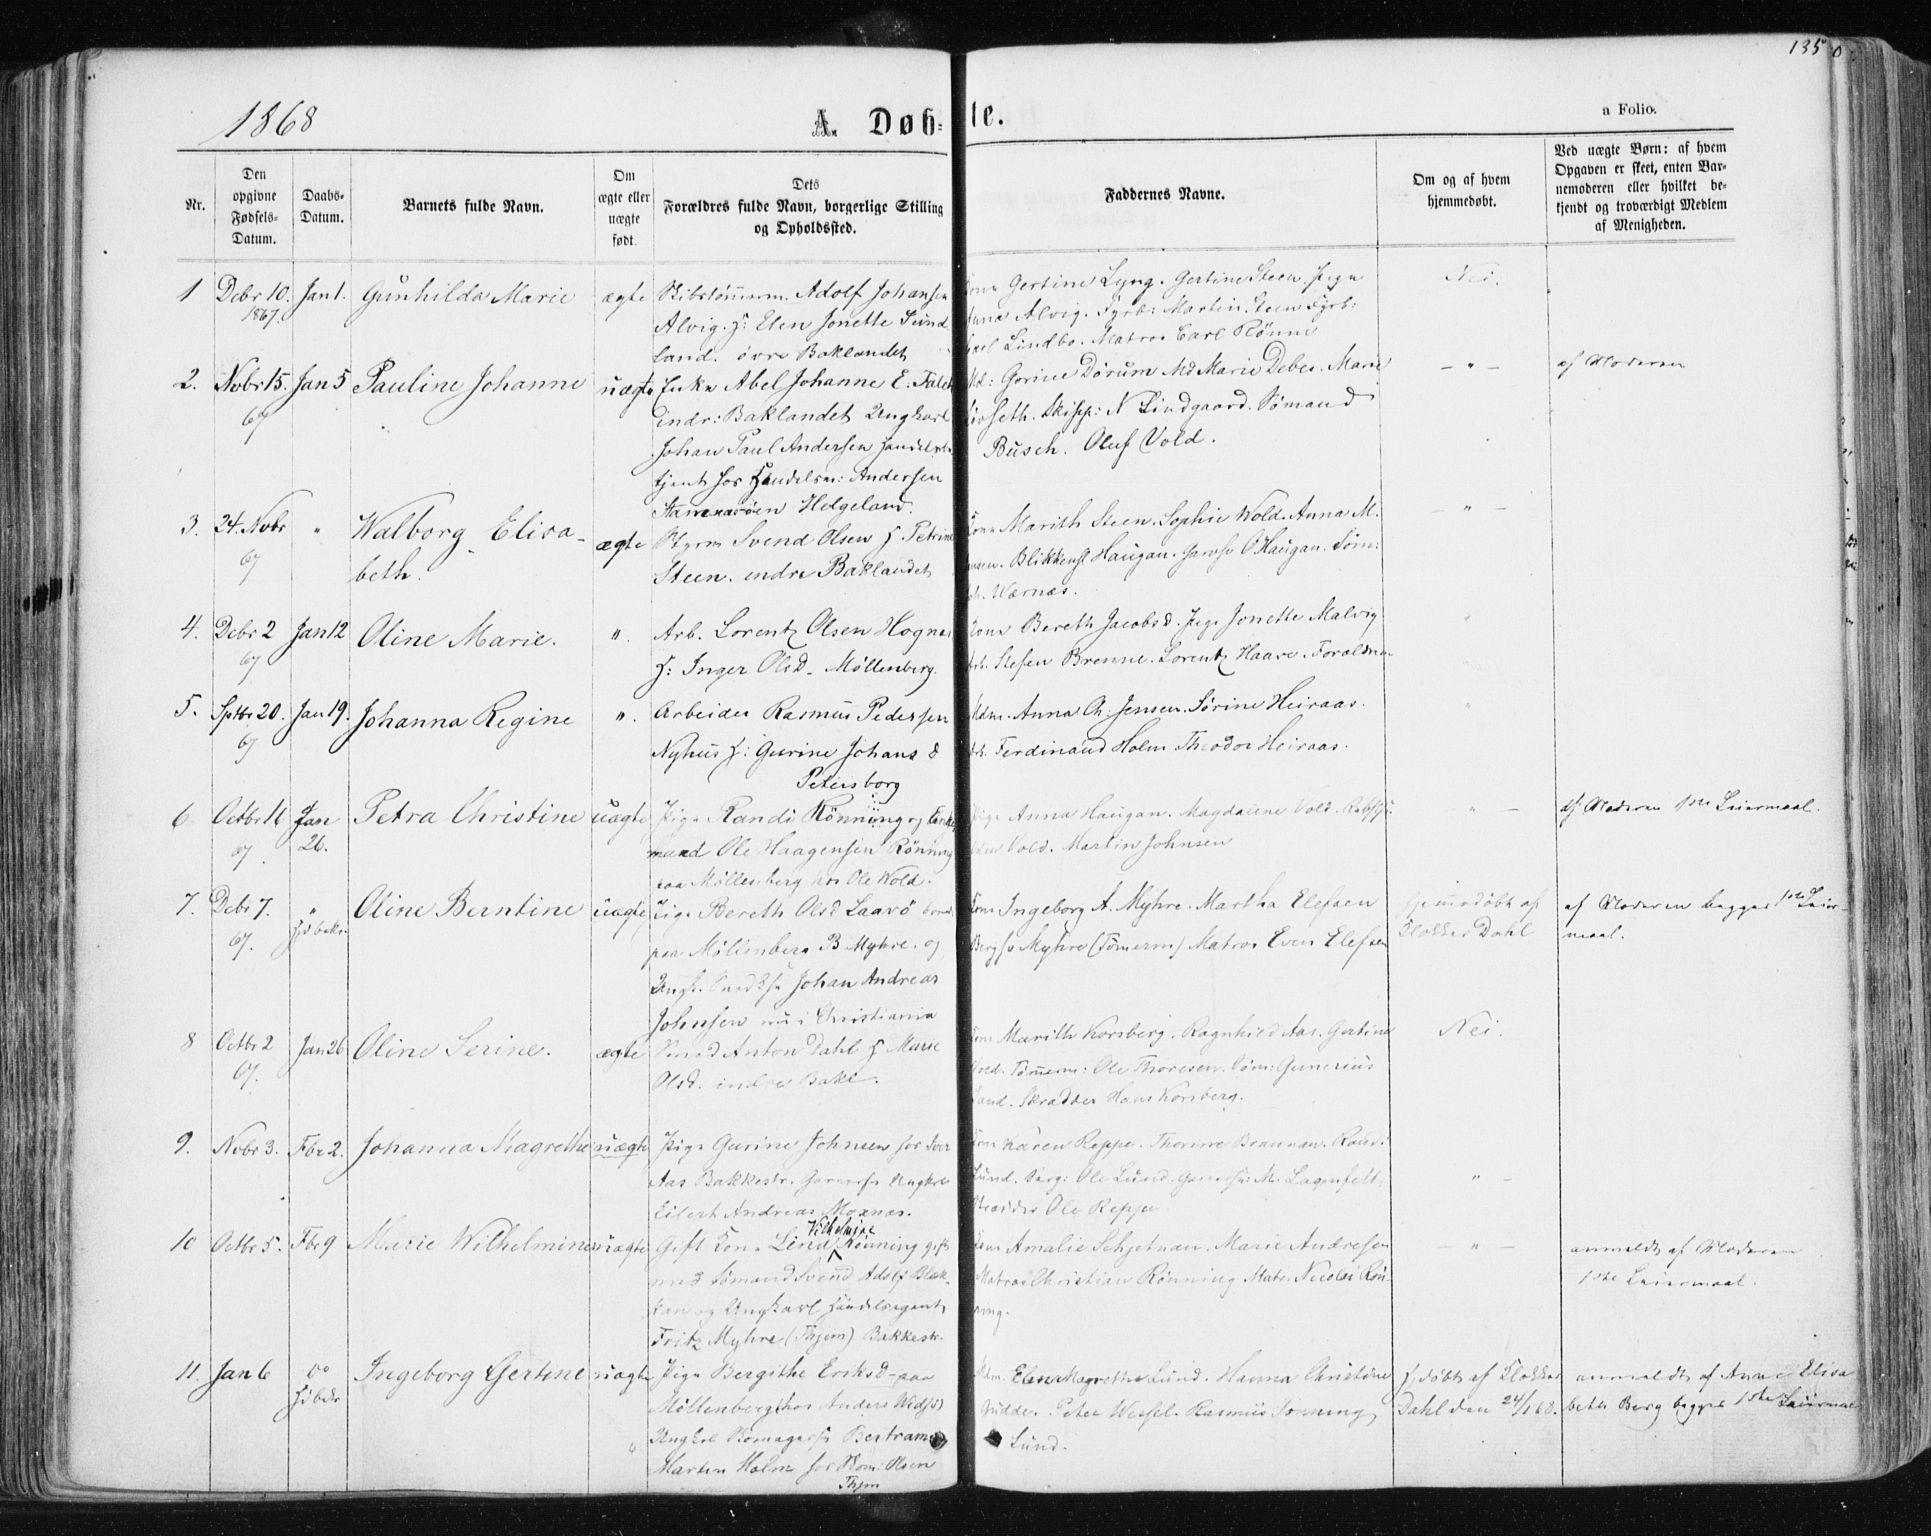 SAT, Ministerialprotokoller, klokkerbøker og fødselsregistre - Sør-Trøndelag, 604/L0186: Ministerialbok nr. 604A07, 1866-1877, s. 135